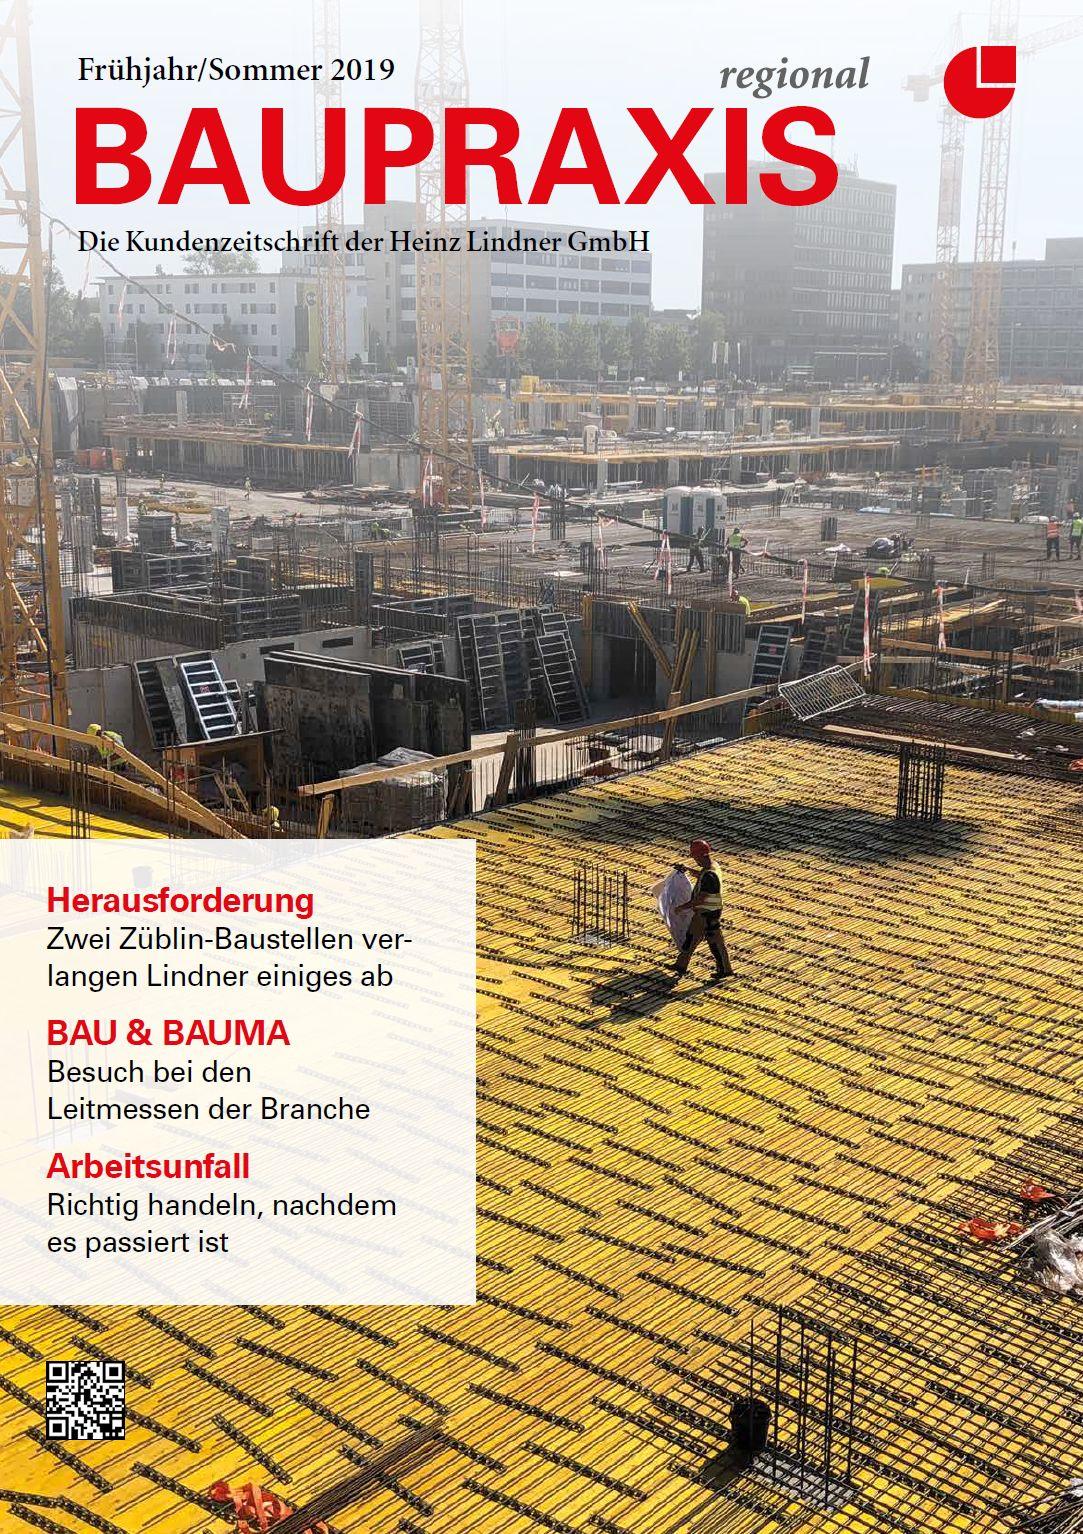 BAUPRAXIS Die Kundenzeitschrift der Heinz Lindner GmbH – Sommer 2019